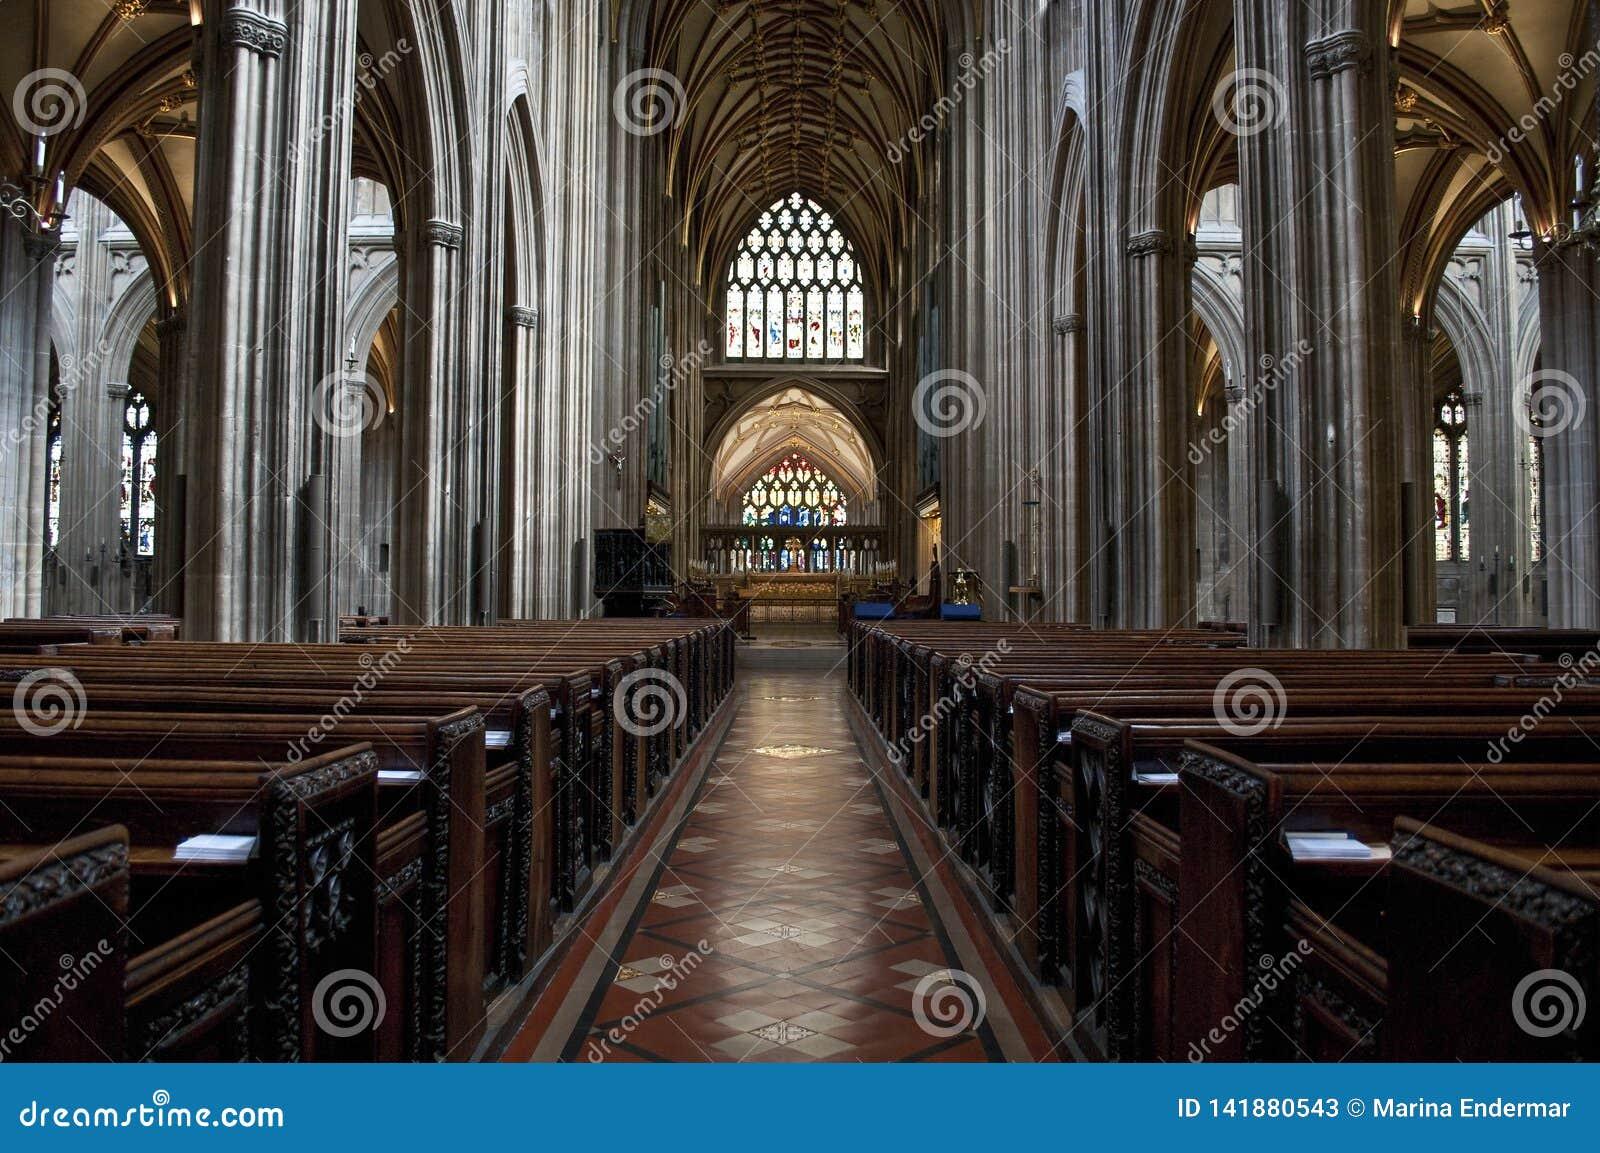 Central nave, Bristol, UK